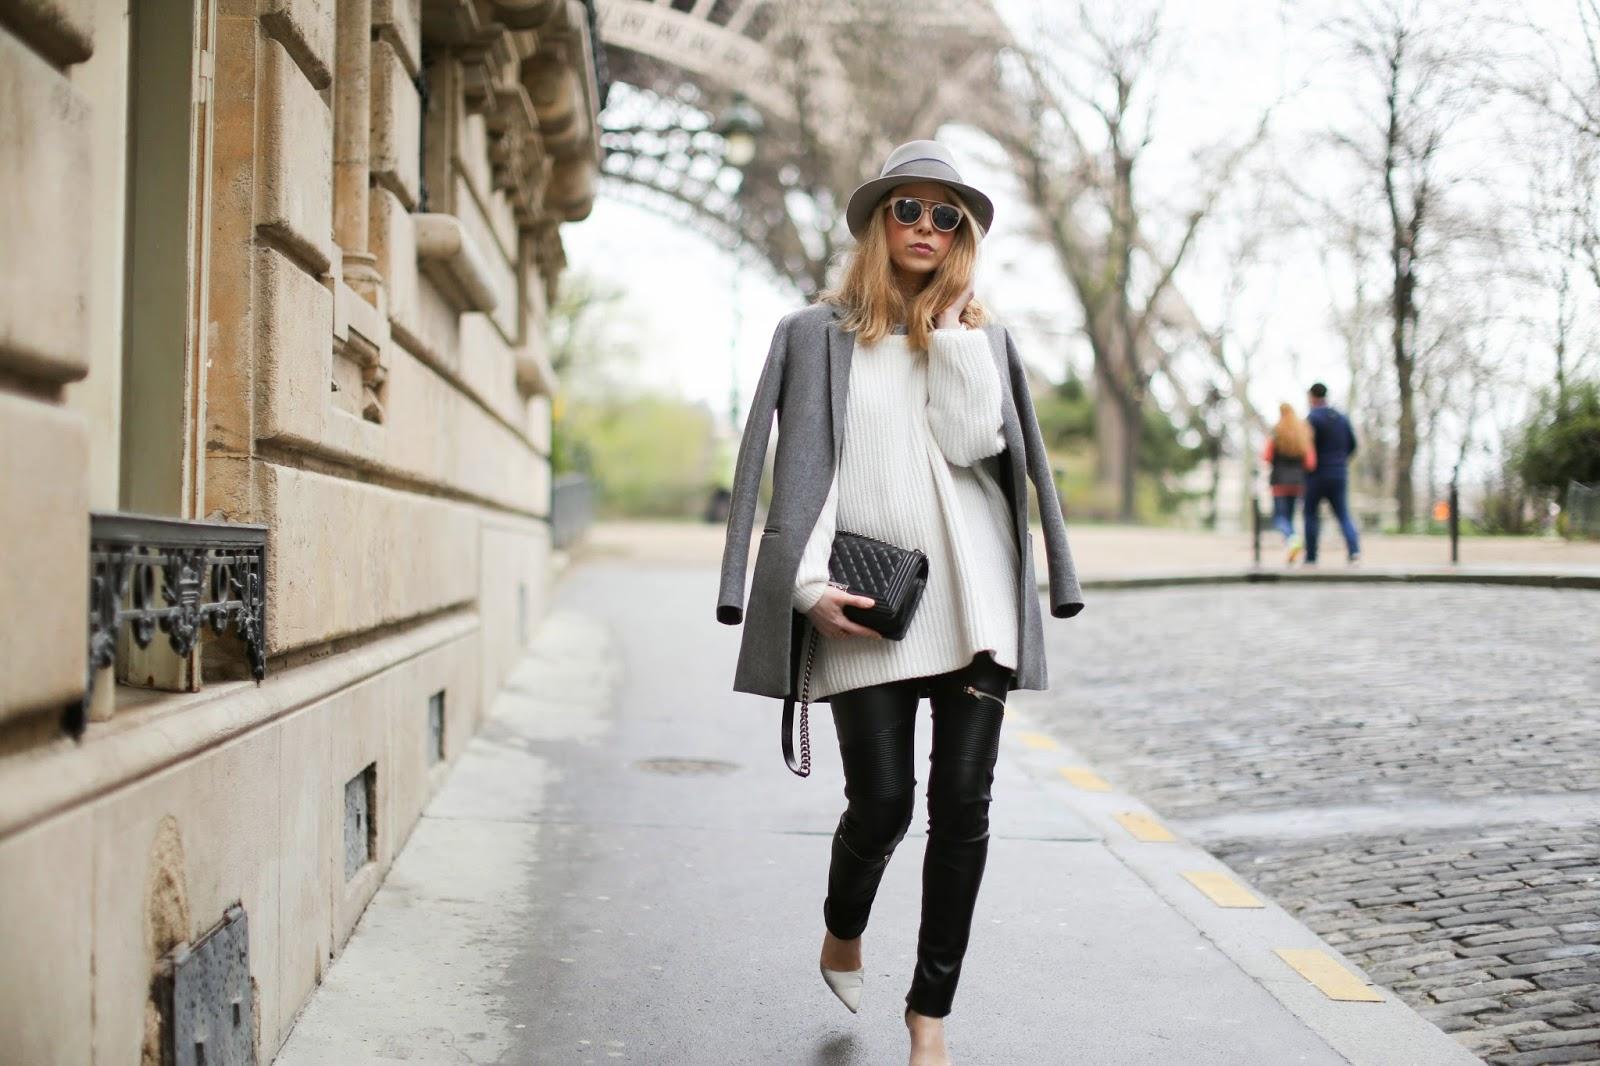 eiffel tower, streetstyle, cos, &otherstories, chanel, maison michel, zara, fashion blogger, neutrals